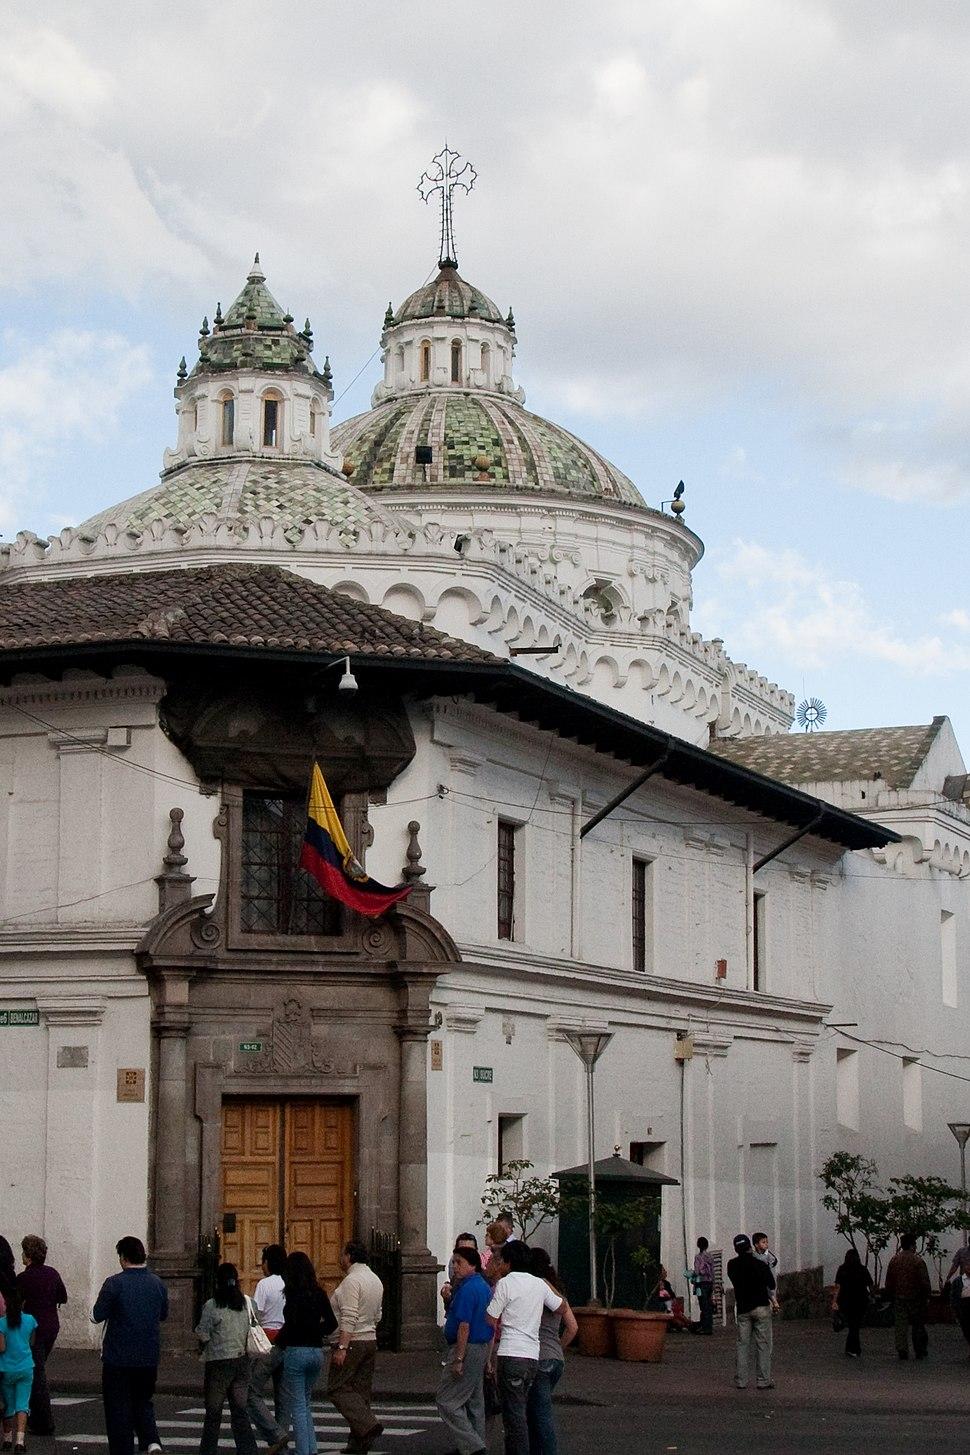 La Compañía, Quito - 6